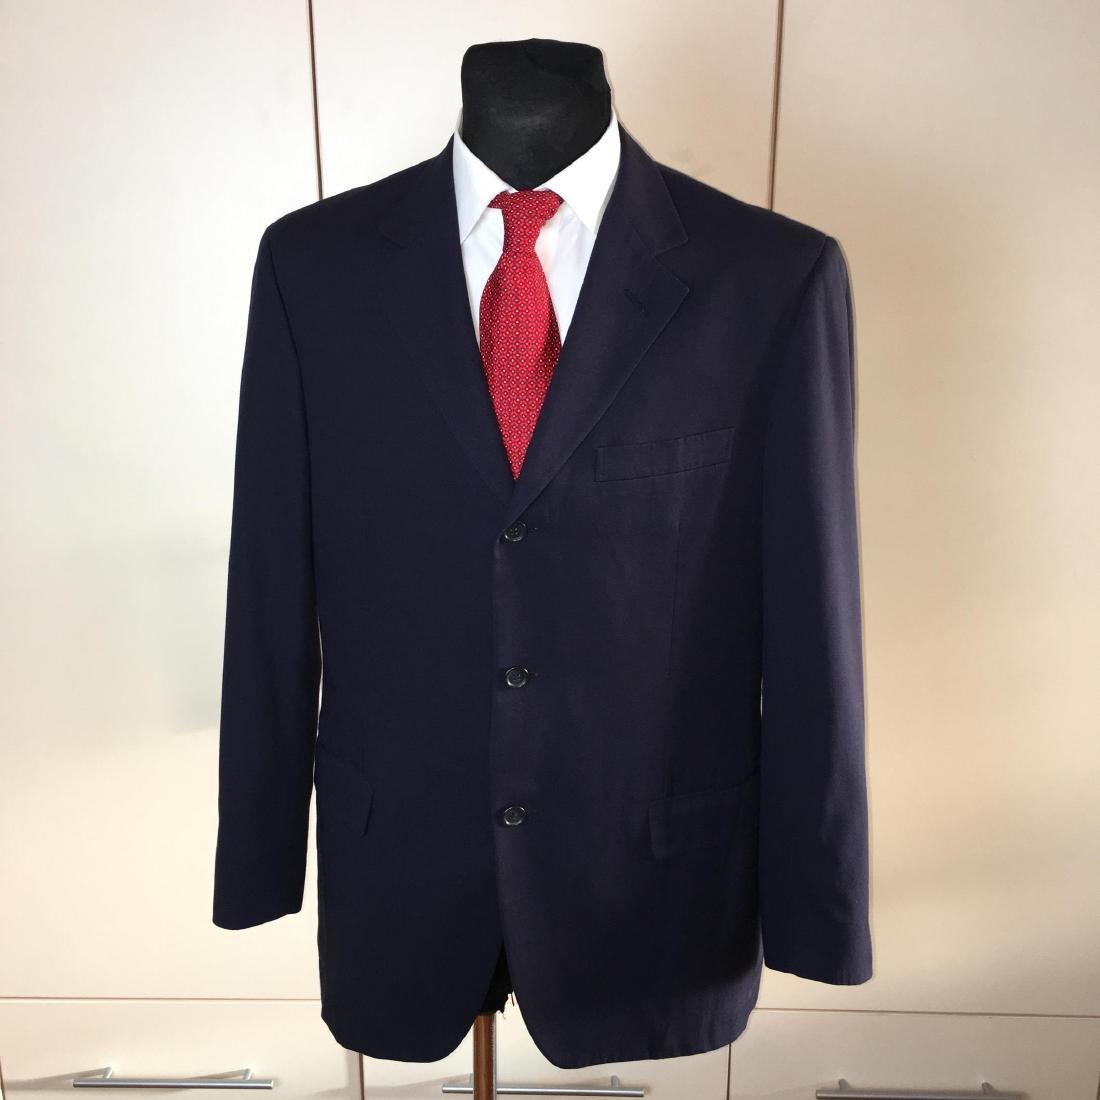 386a09b8a9 Men's Ermenegildo Zegna Navy Blue Blazer Jacket - May 22, 2019 ...